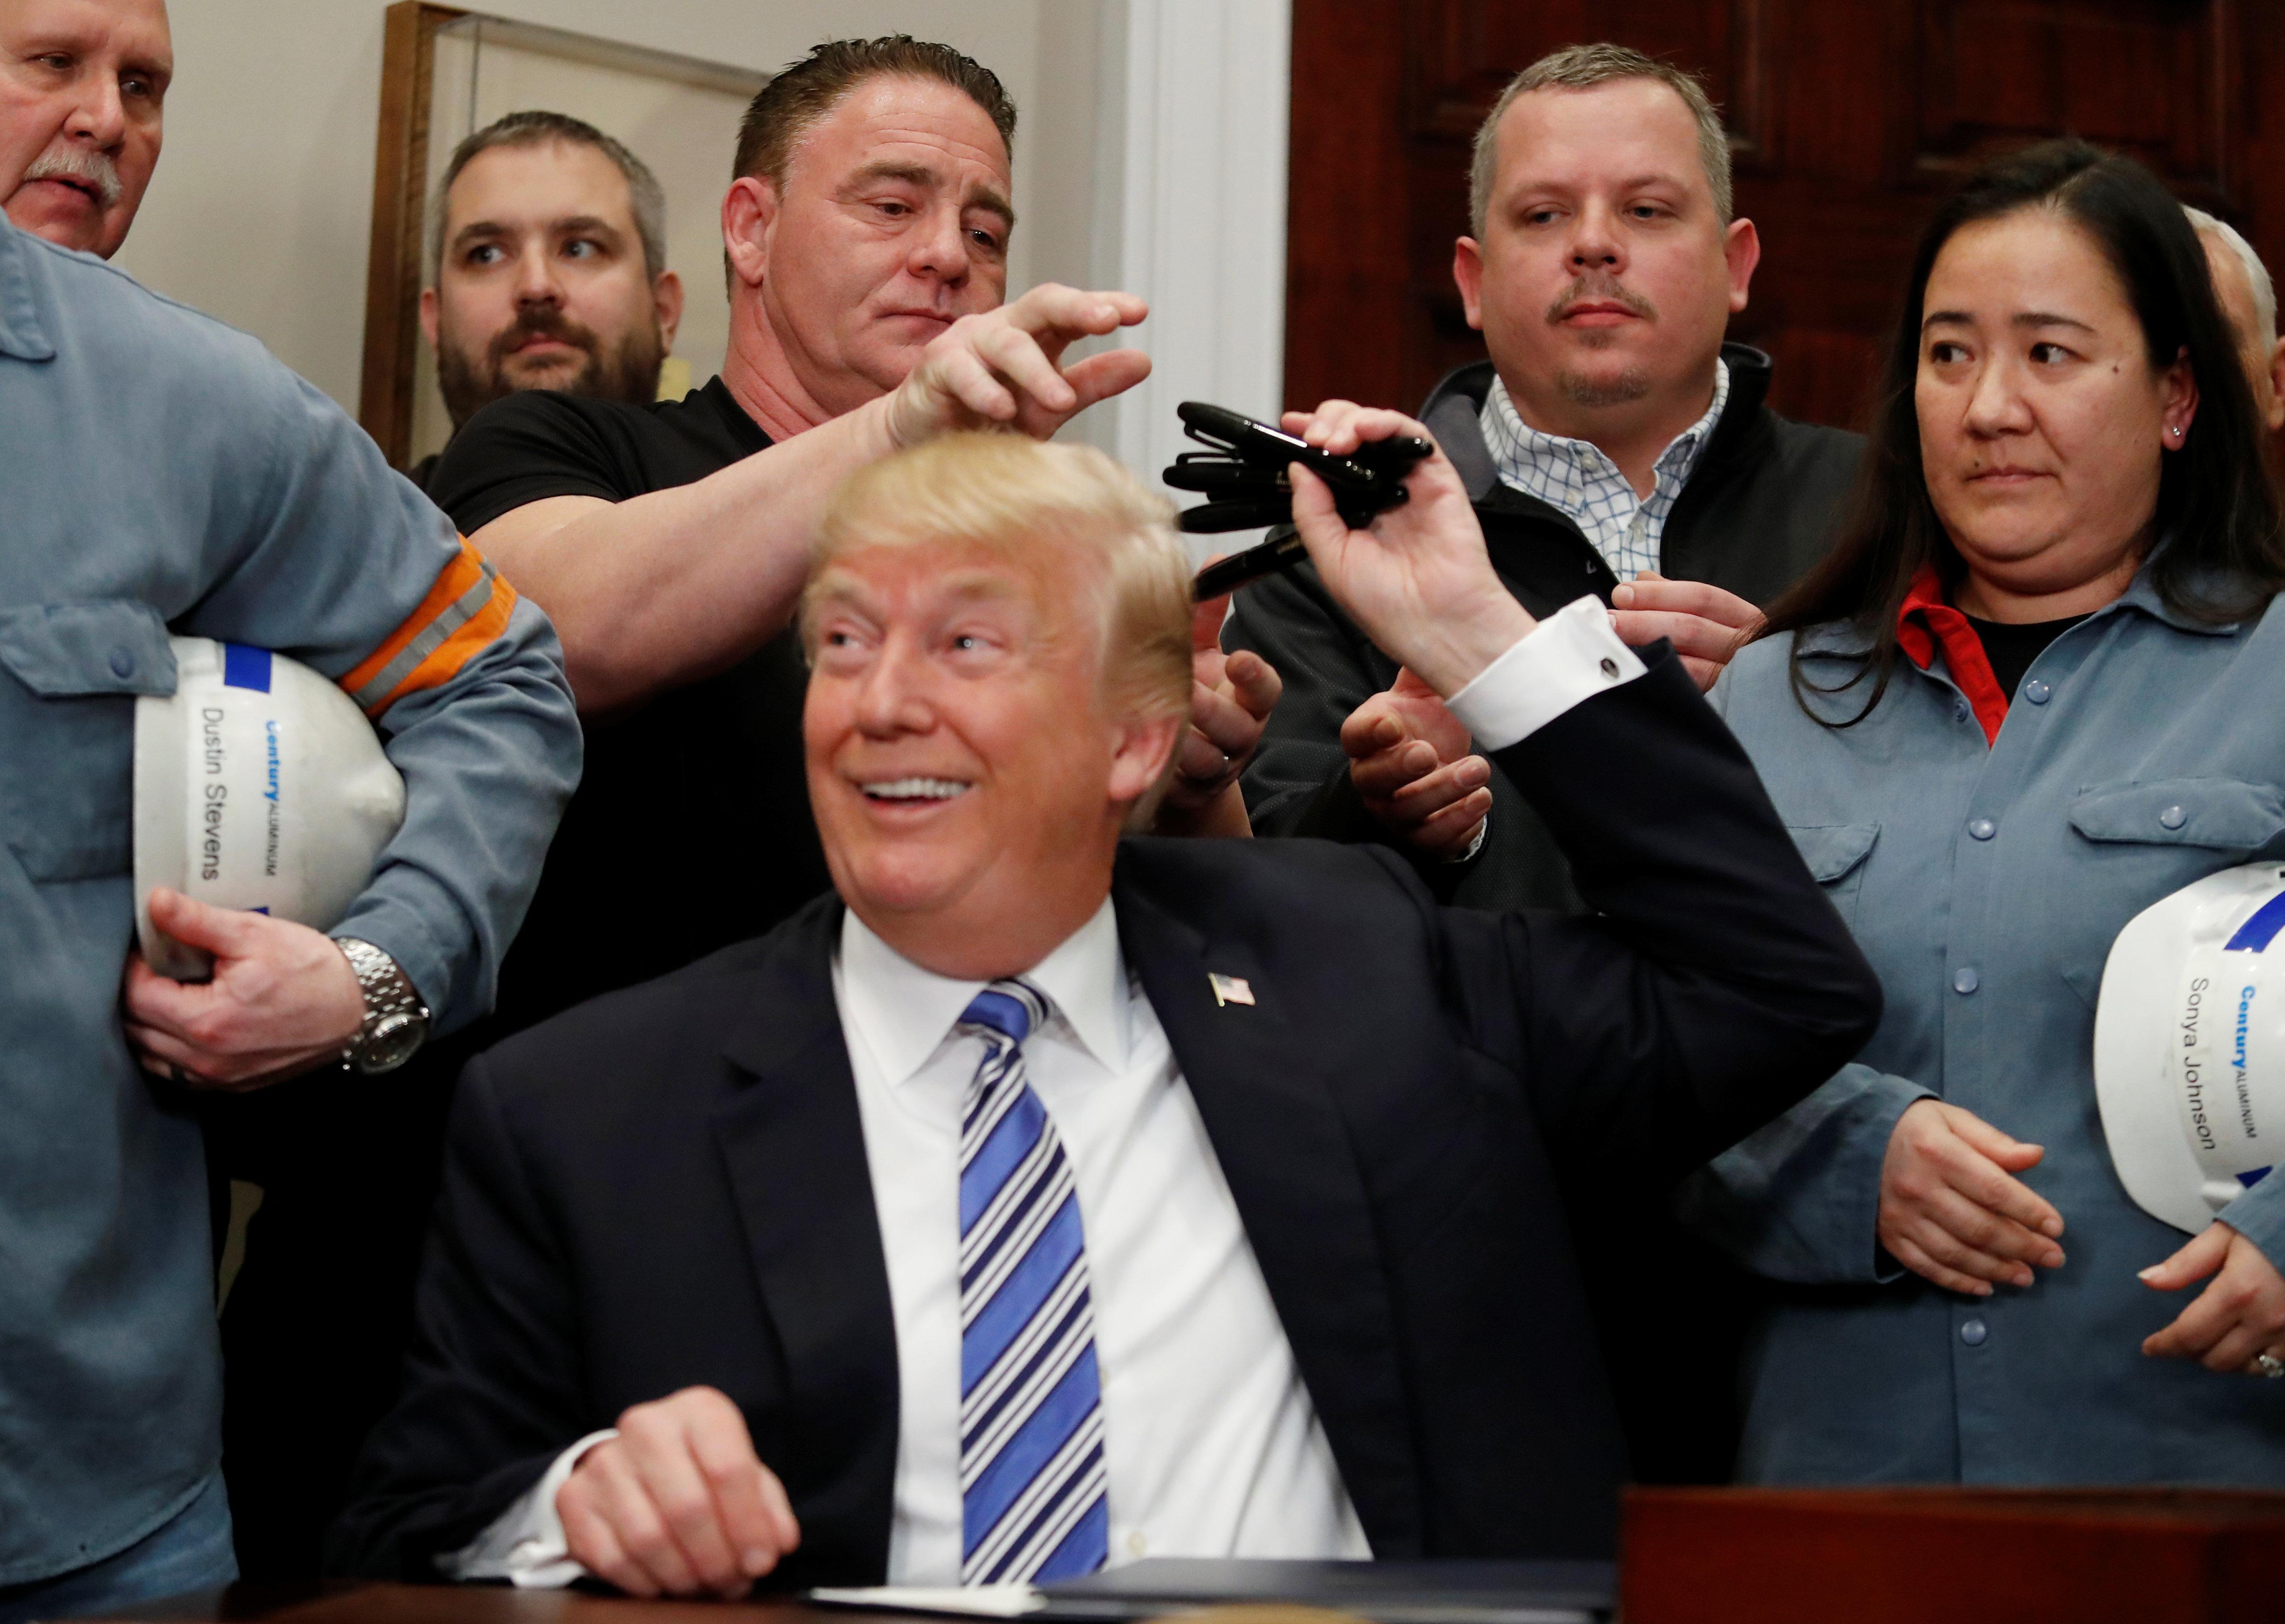 Ντόμινο αντιδράσεων μετά την επιβολή δασμών σε χάλυβα και αλουμίνιο από τον Τραμπ. Εμπορικό πόλεμο φοβάται η